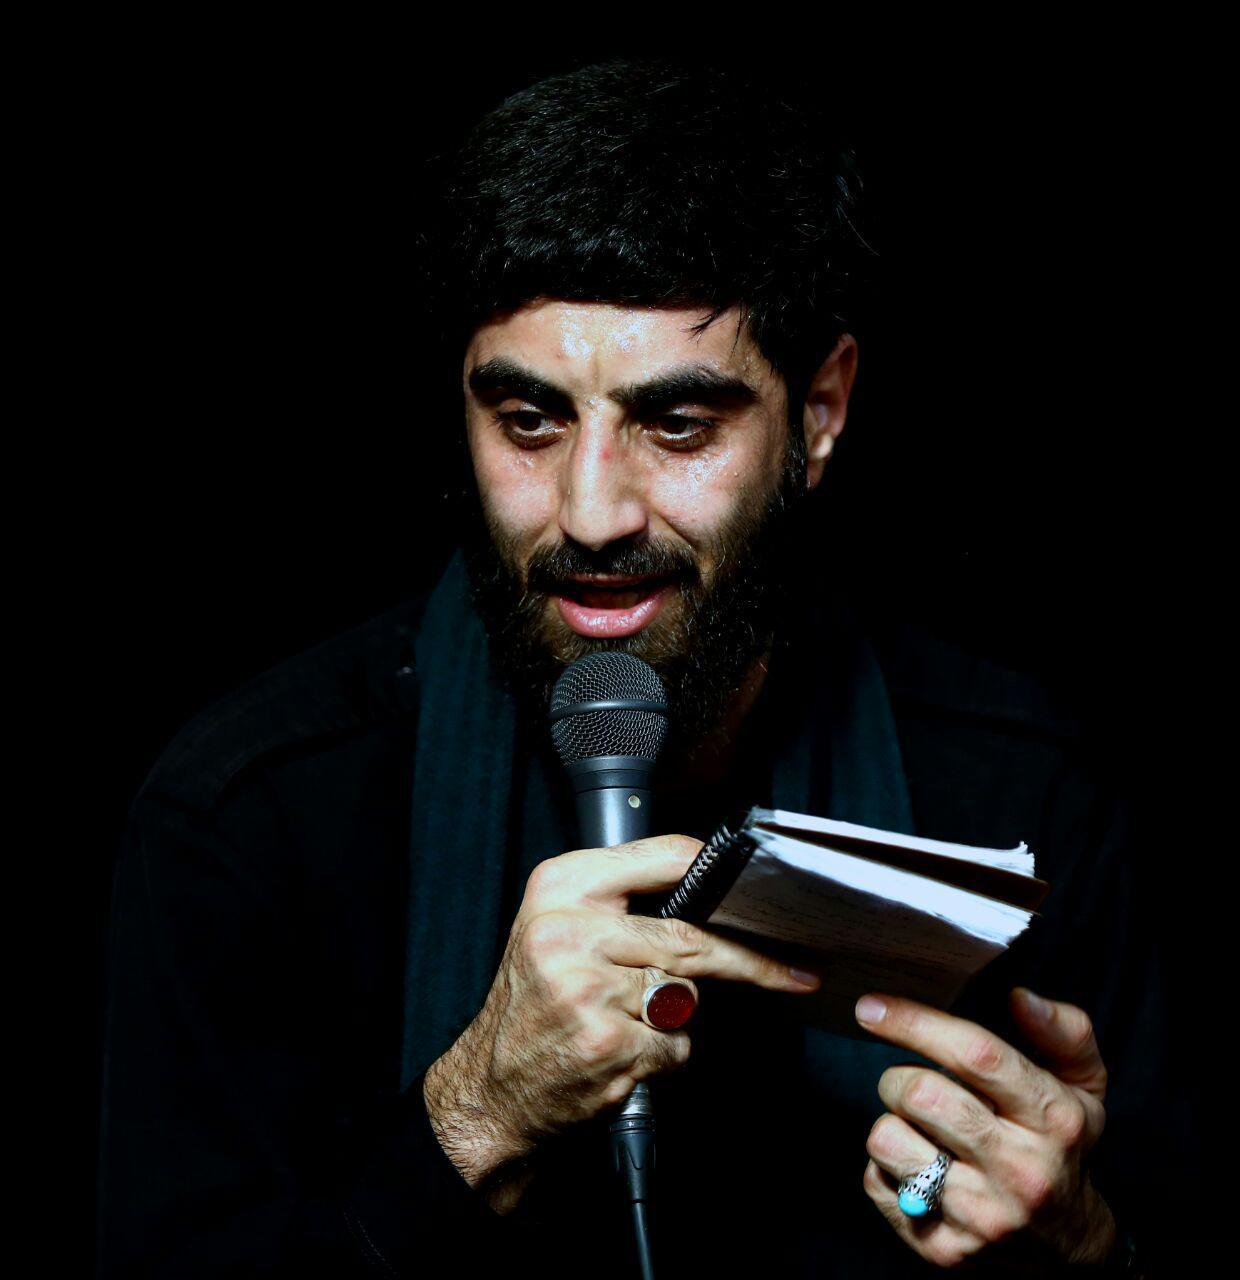 مداحی زیبای سید رضا نریمانی برای شهدای آتش نشان